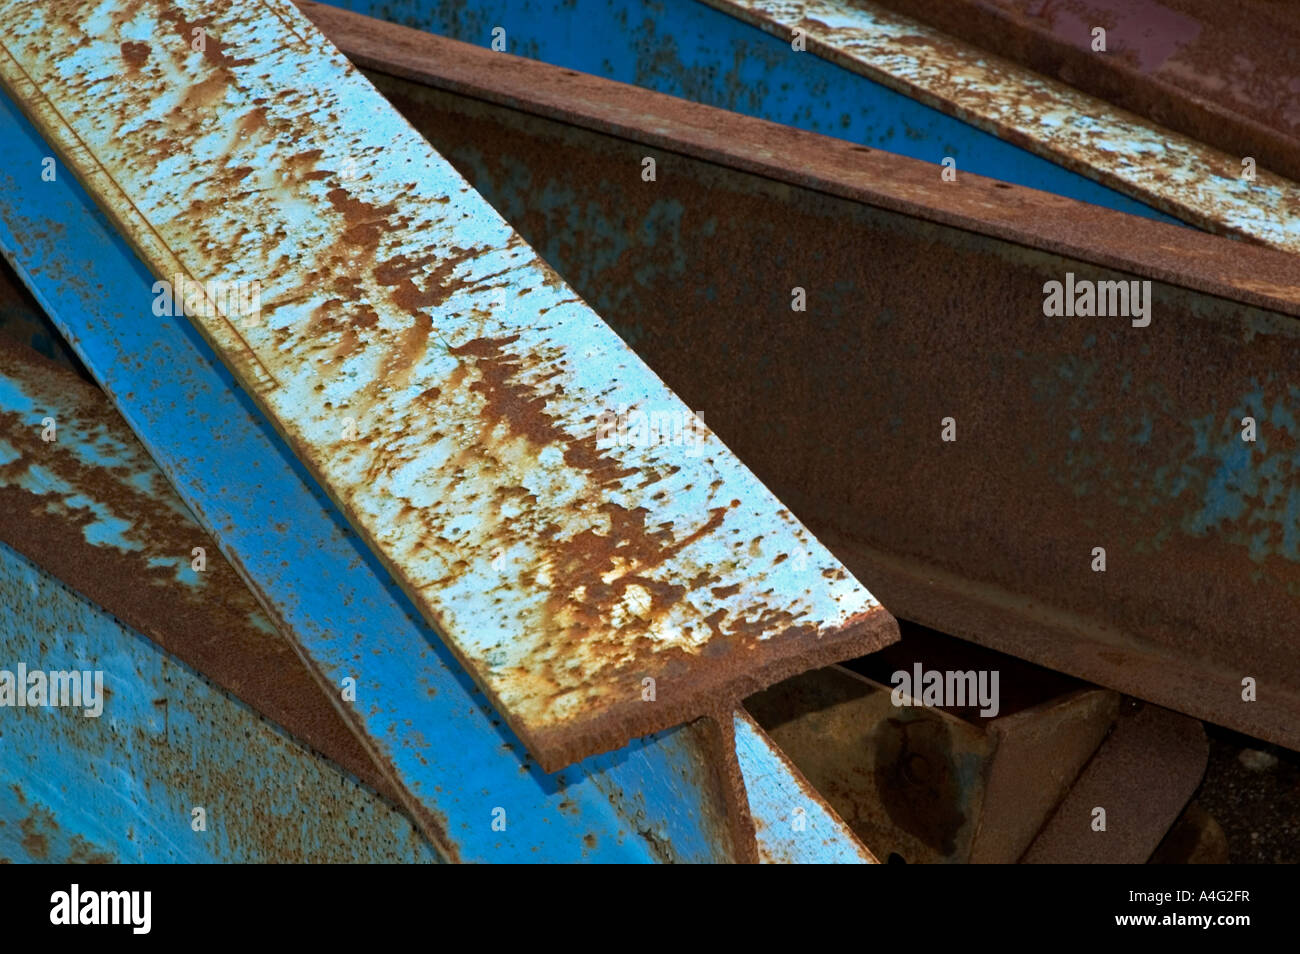 scrap steel girders - Stock Image